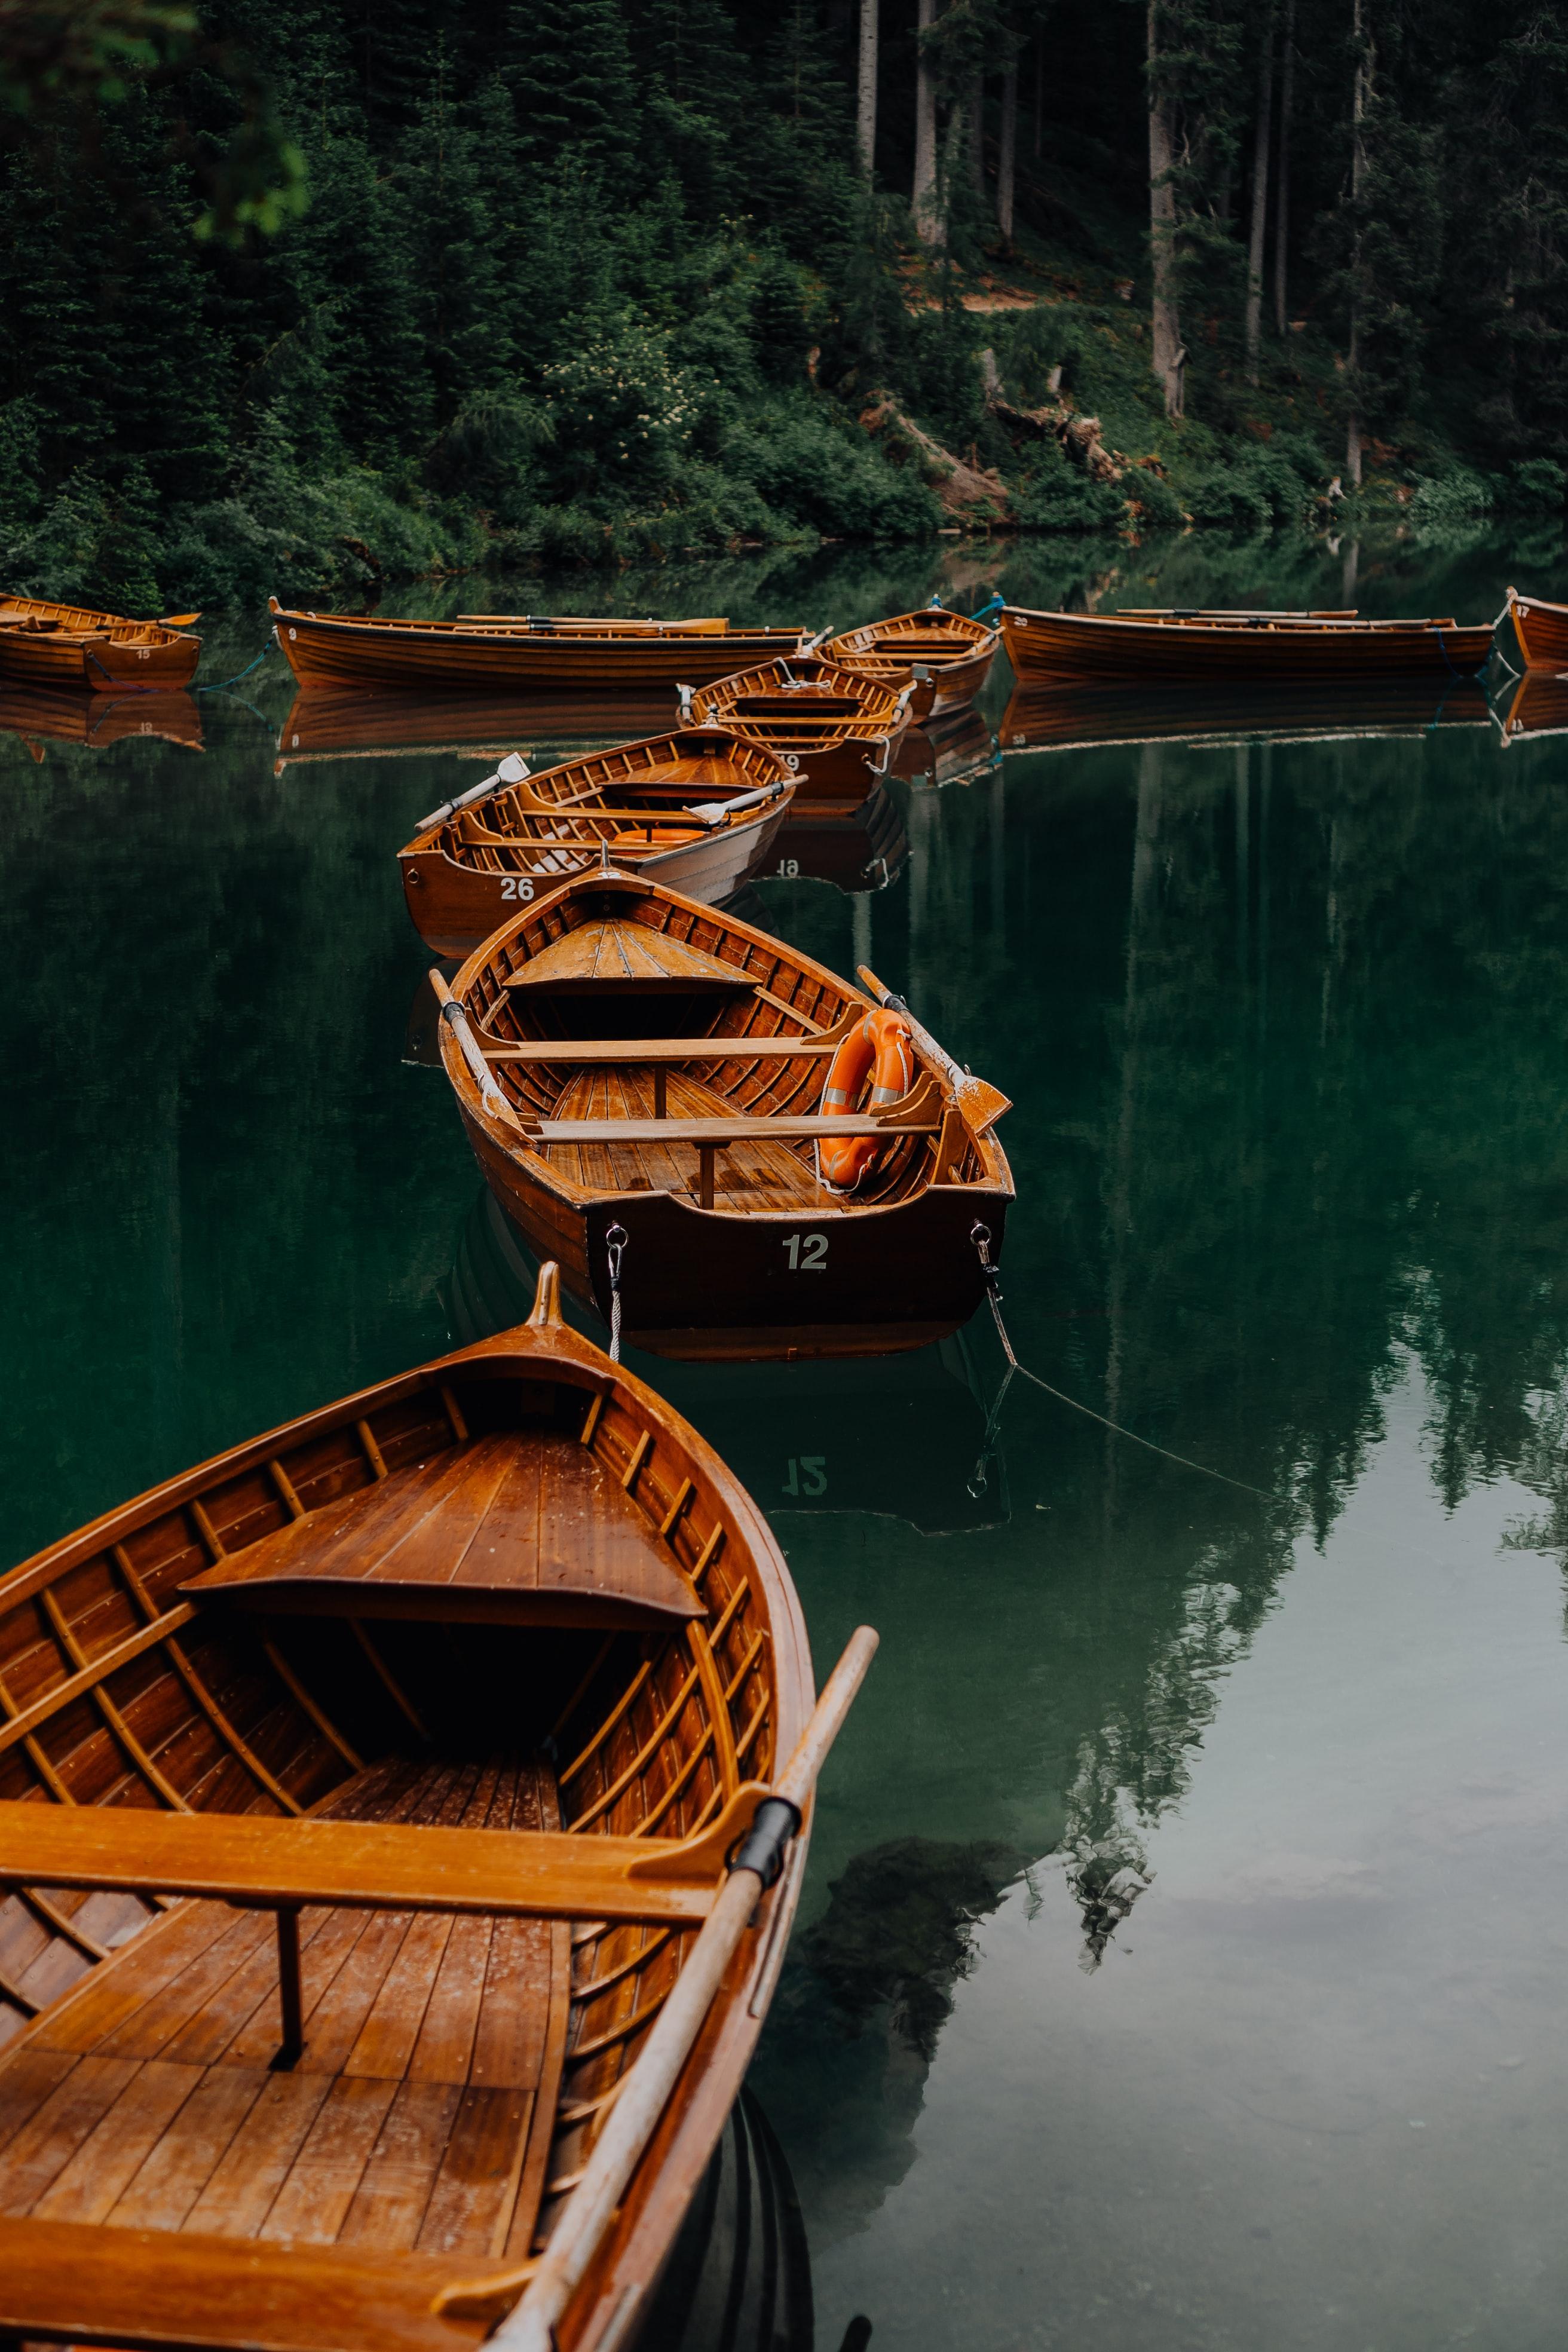 Скачать обои Лодки на телефон бесплатно